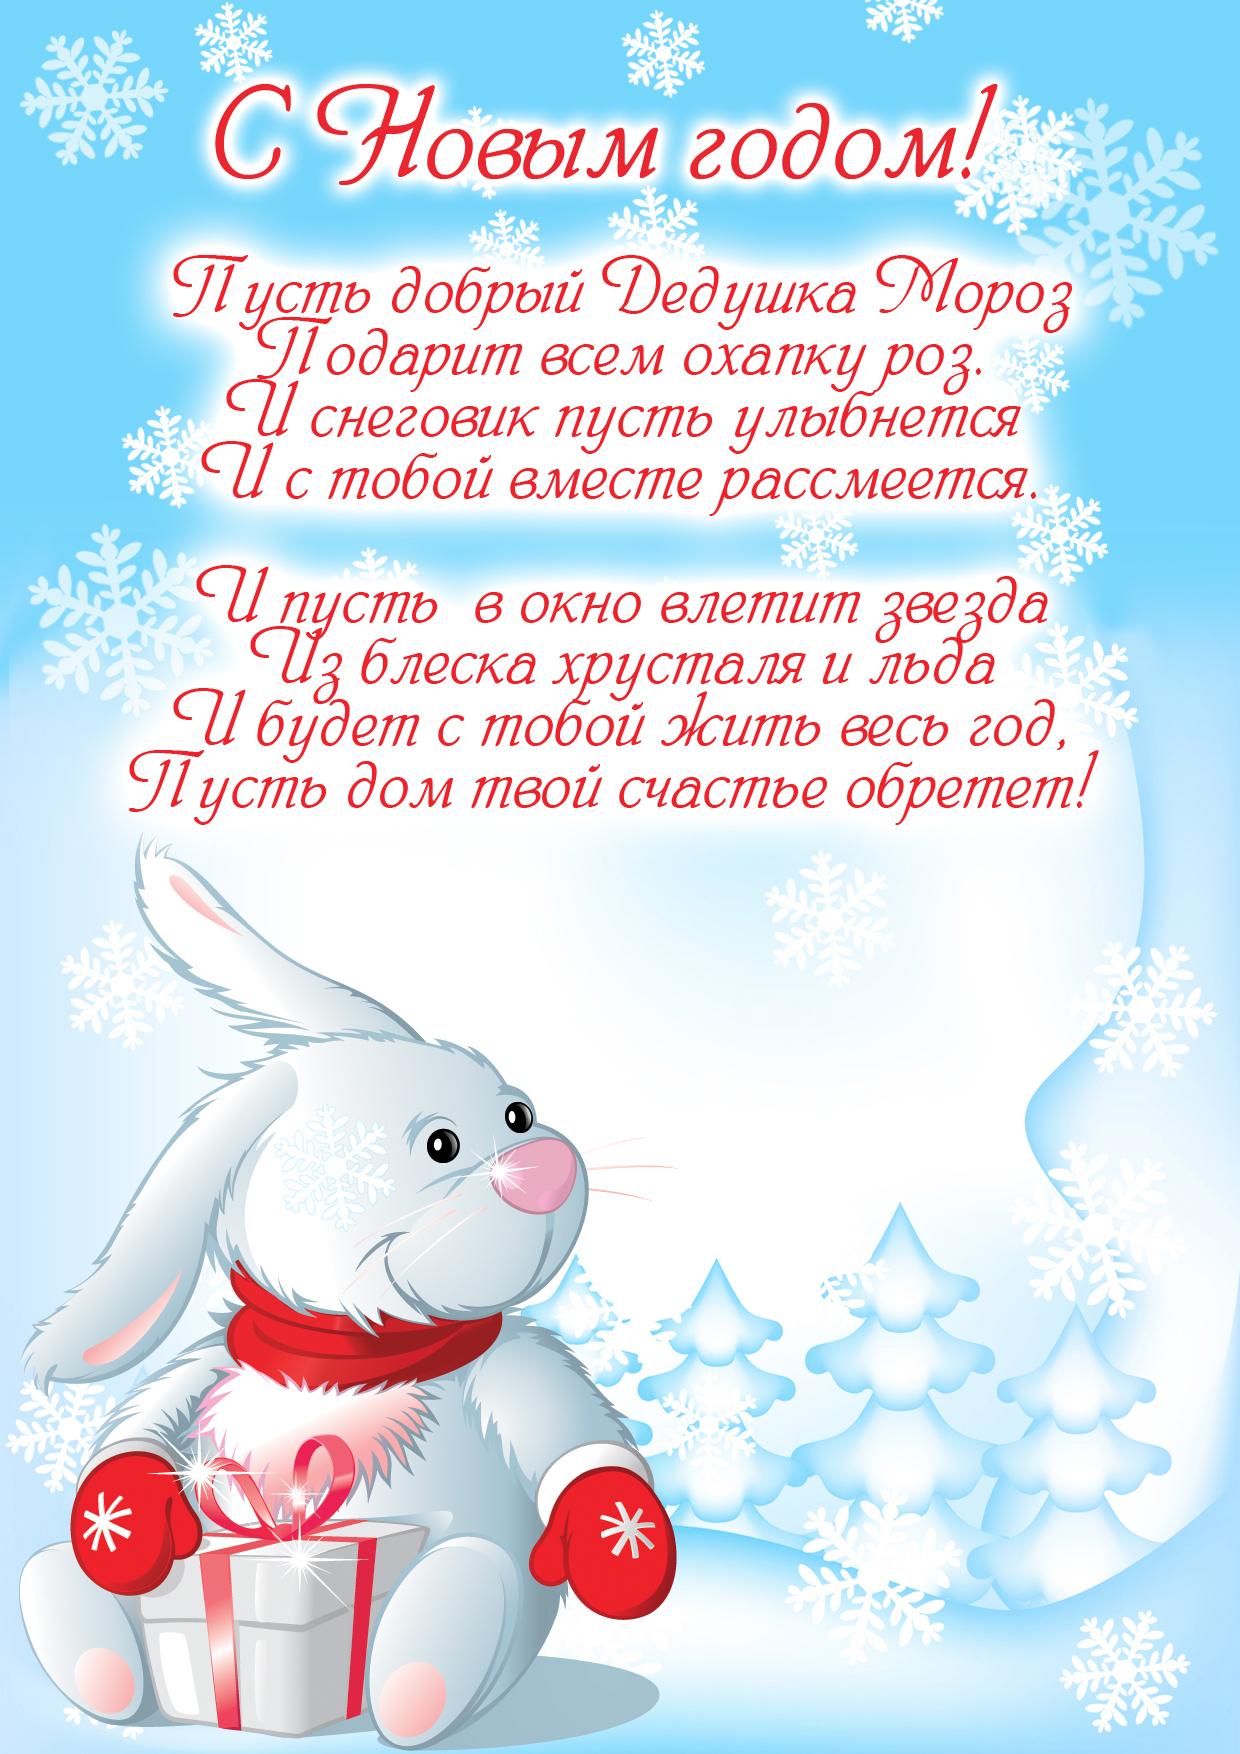 Новогоднее поздравление на открытку для детей